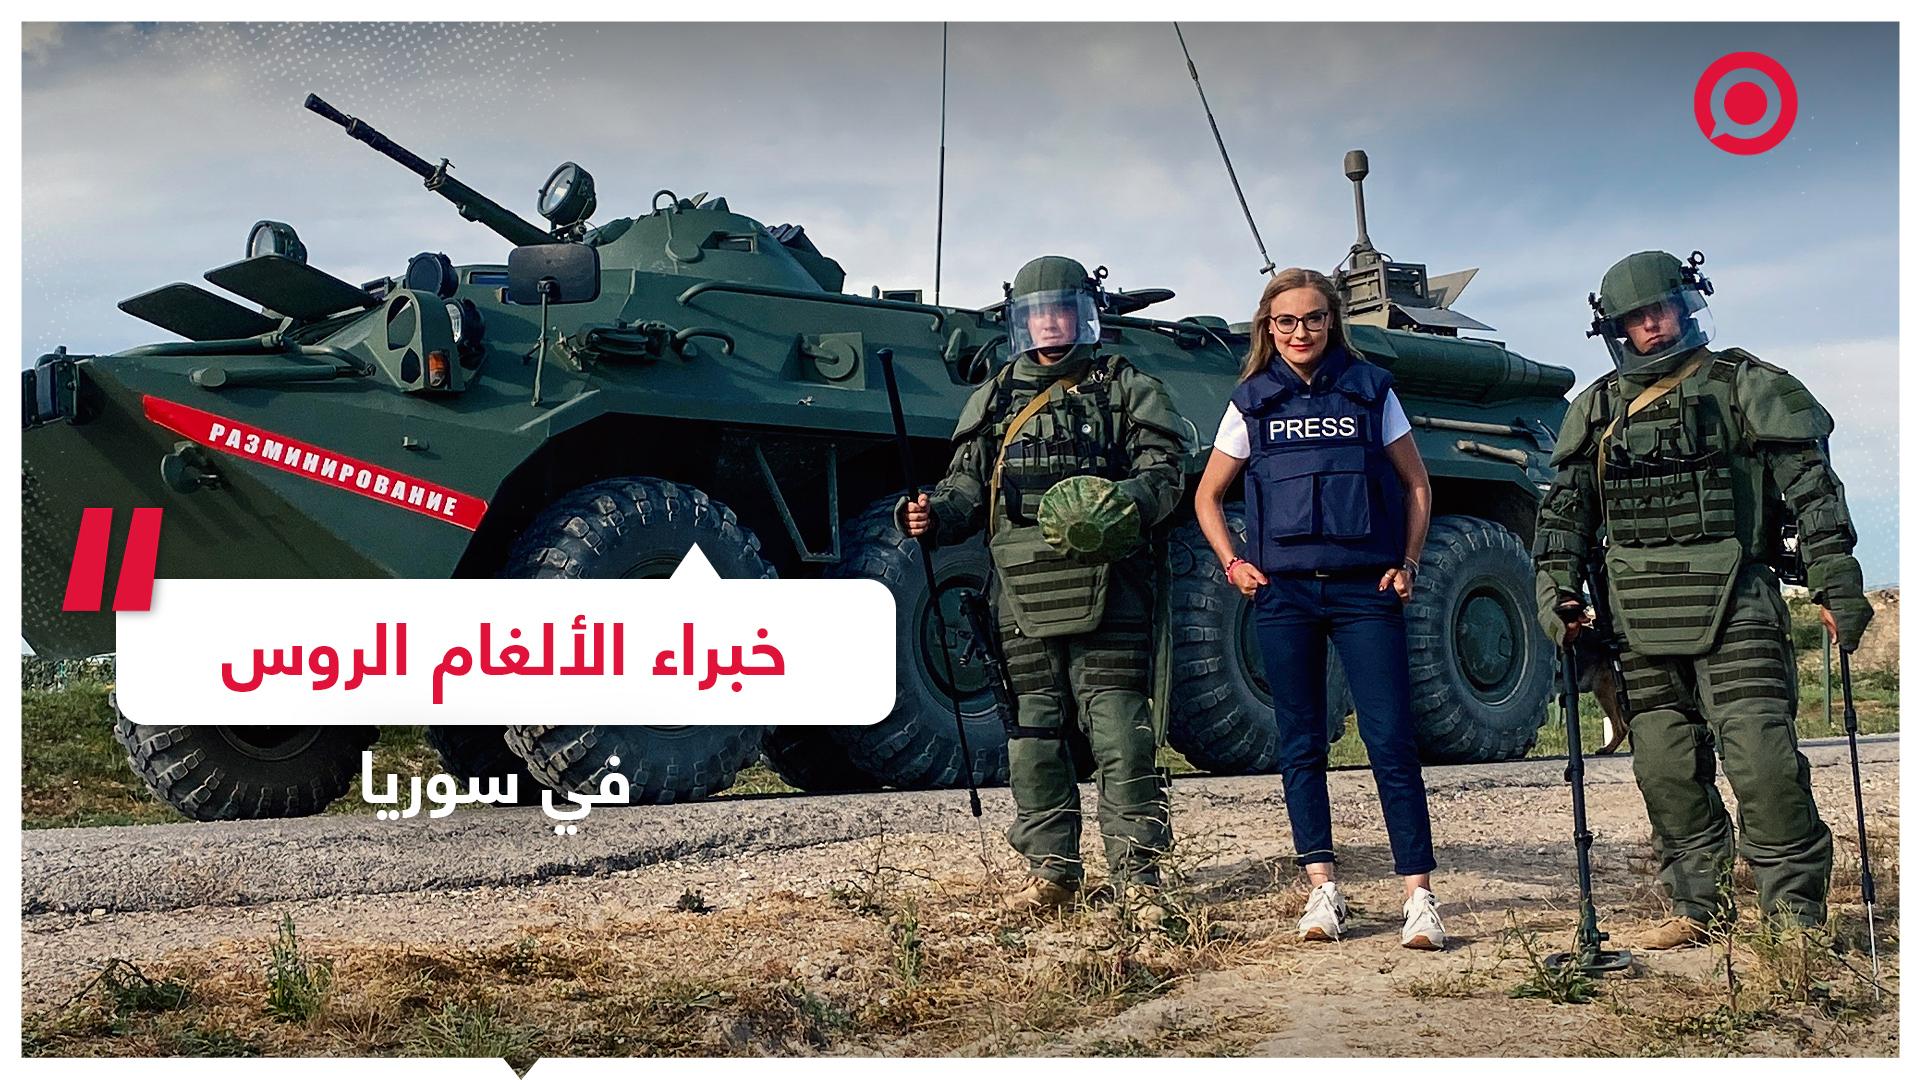 خبراء الألغام الروس في سوريا